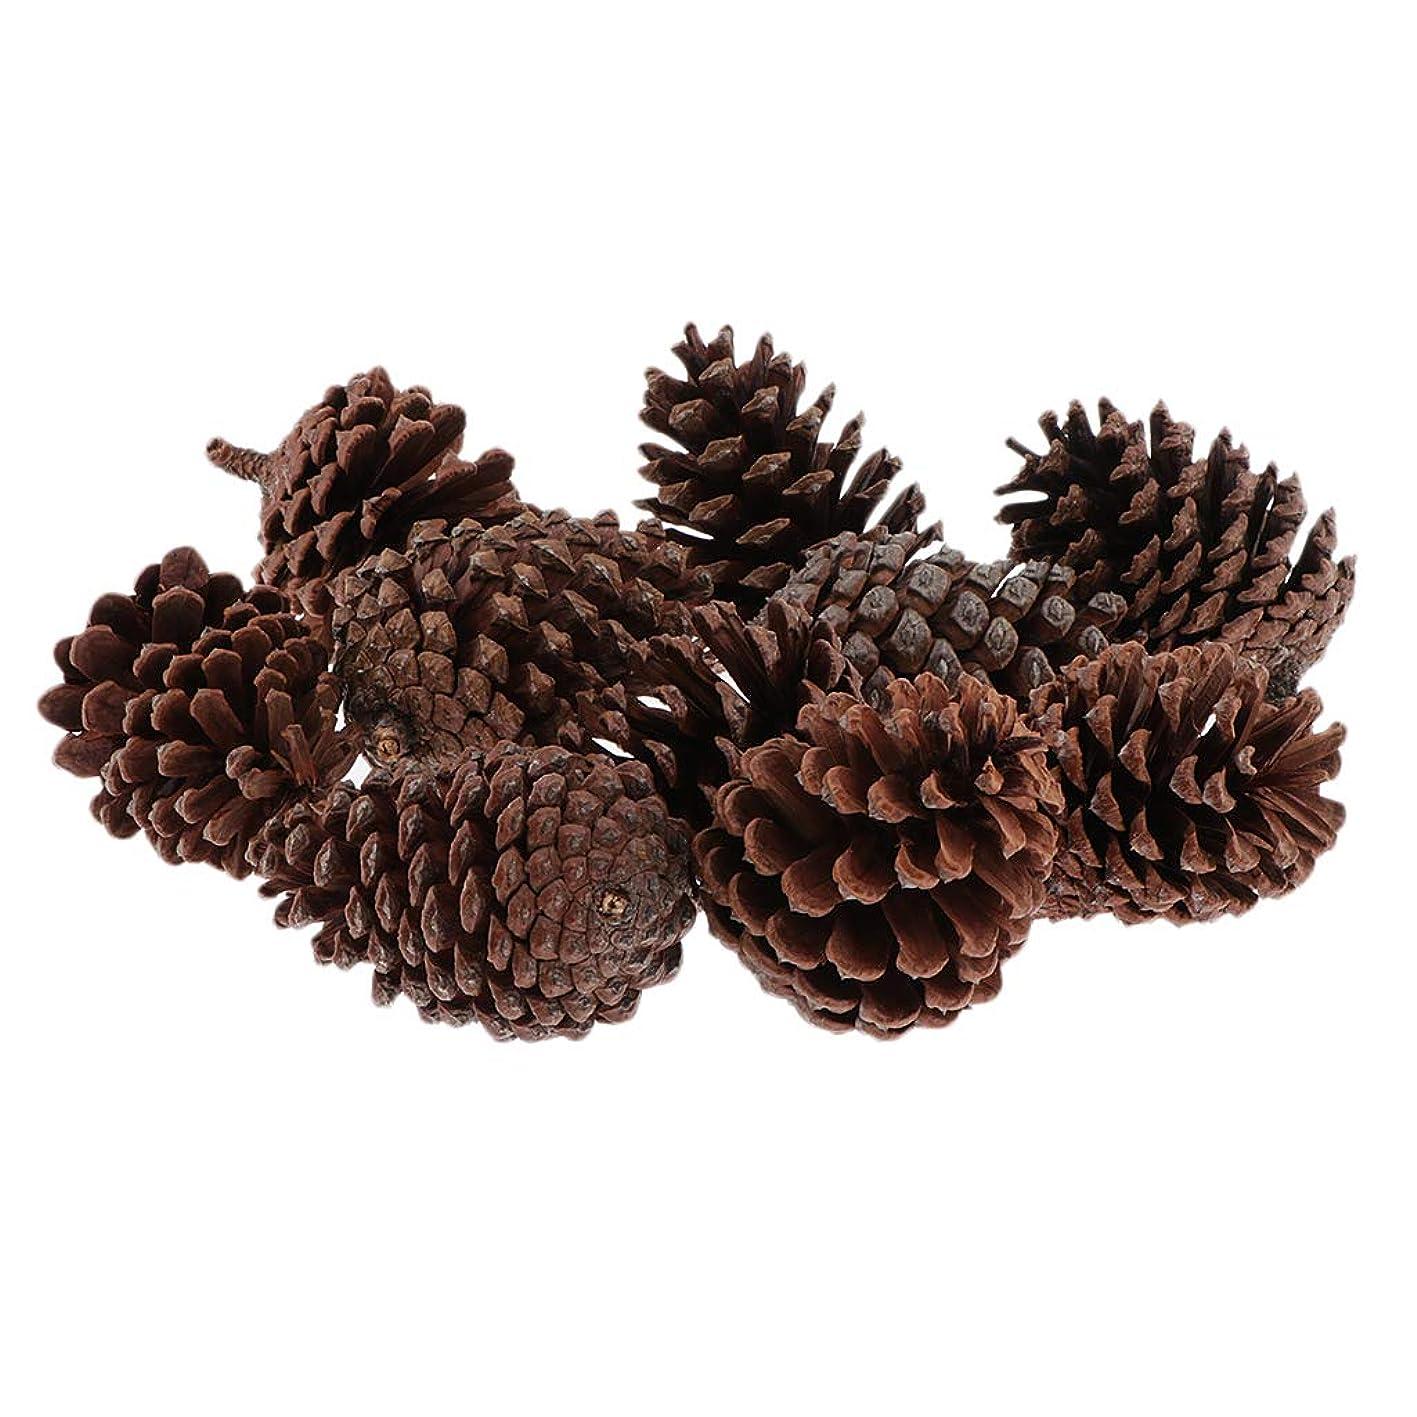 通常嫌いうん天然 松かさ 松ぼっくり クリスマス クリスマスツリー 飾り オーナメント 装飾クラフト 材料 全3選択 - 6-8CM